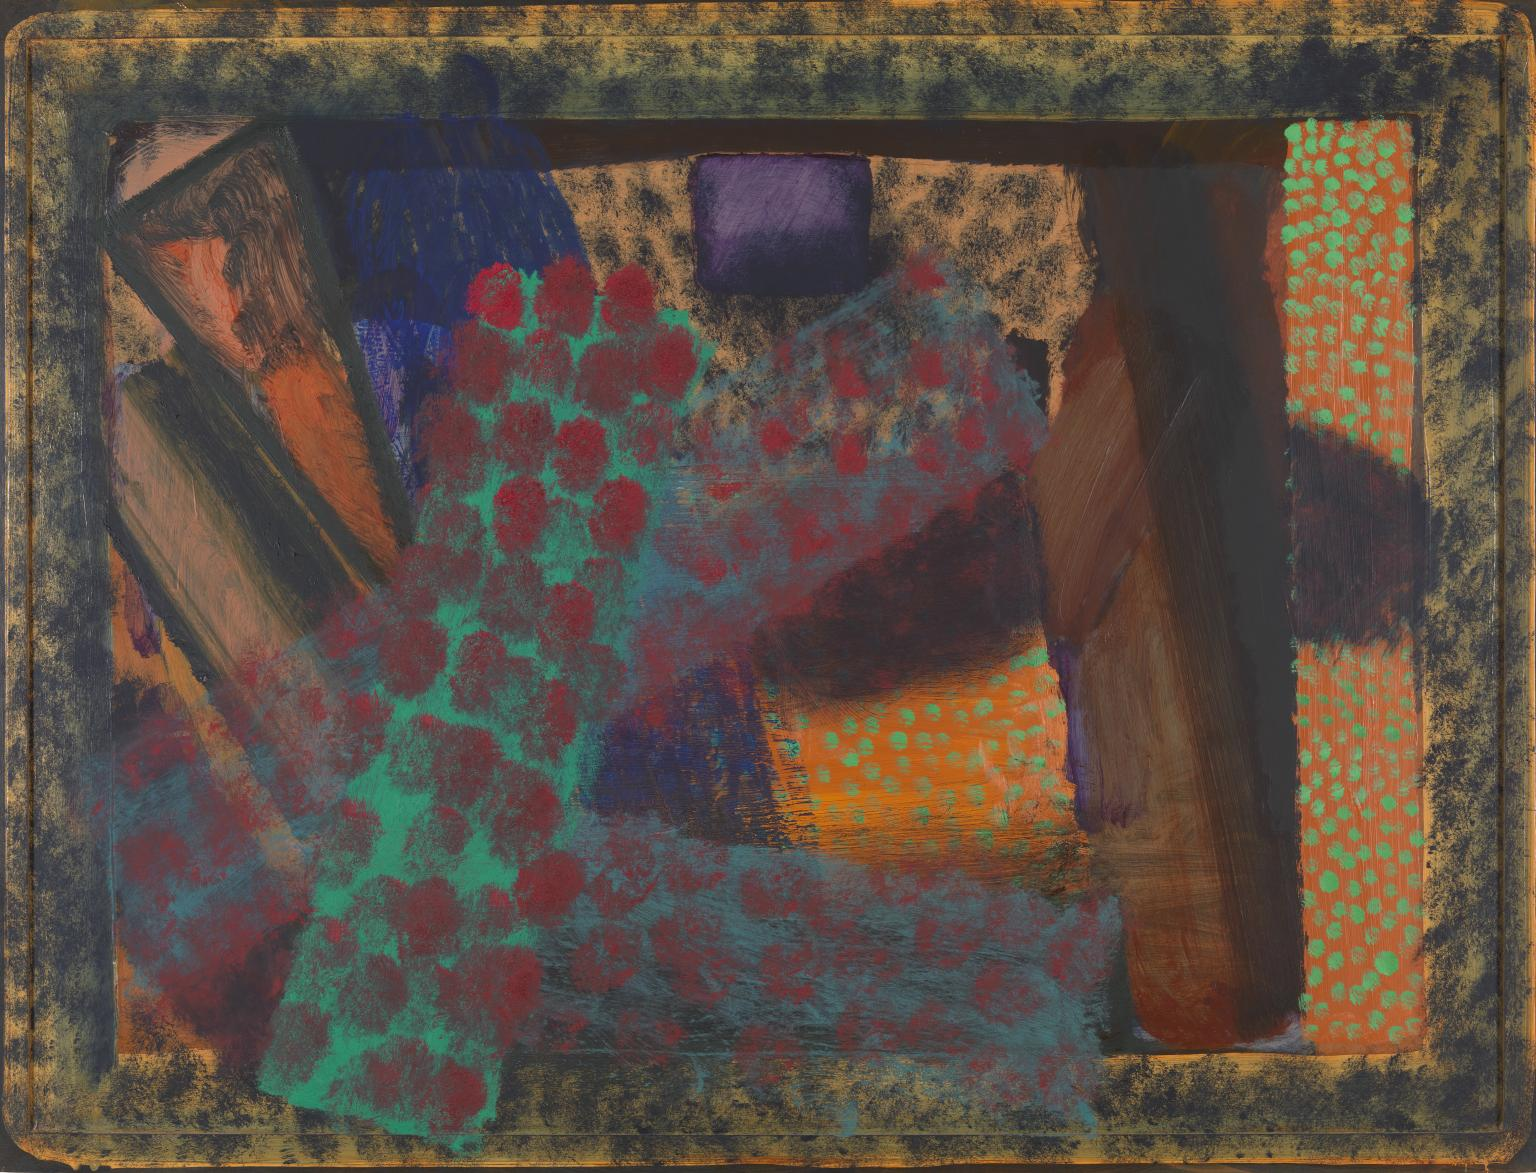 Dinner at Smith Square 1975-9 Howard Hodgkin born 1932 Purchased 1980 http://www.tate.org.uk/art/work/T03188